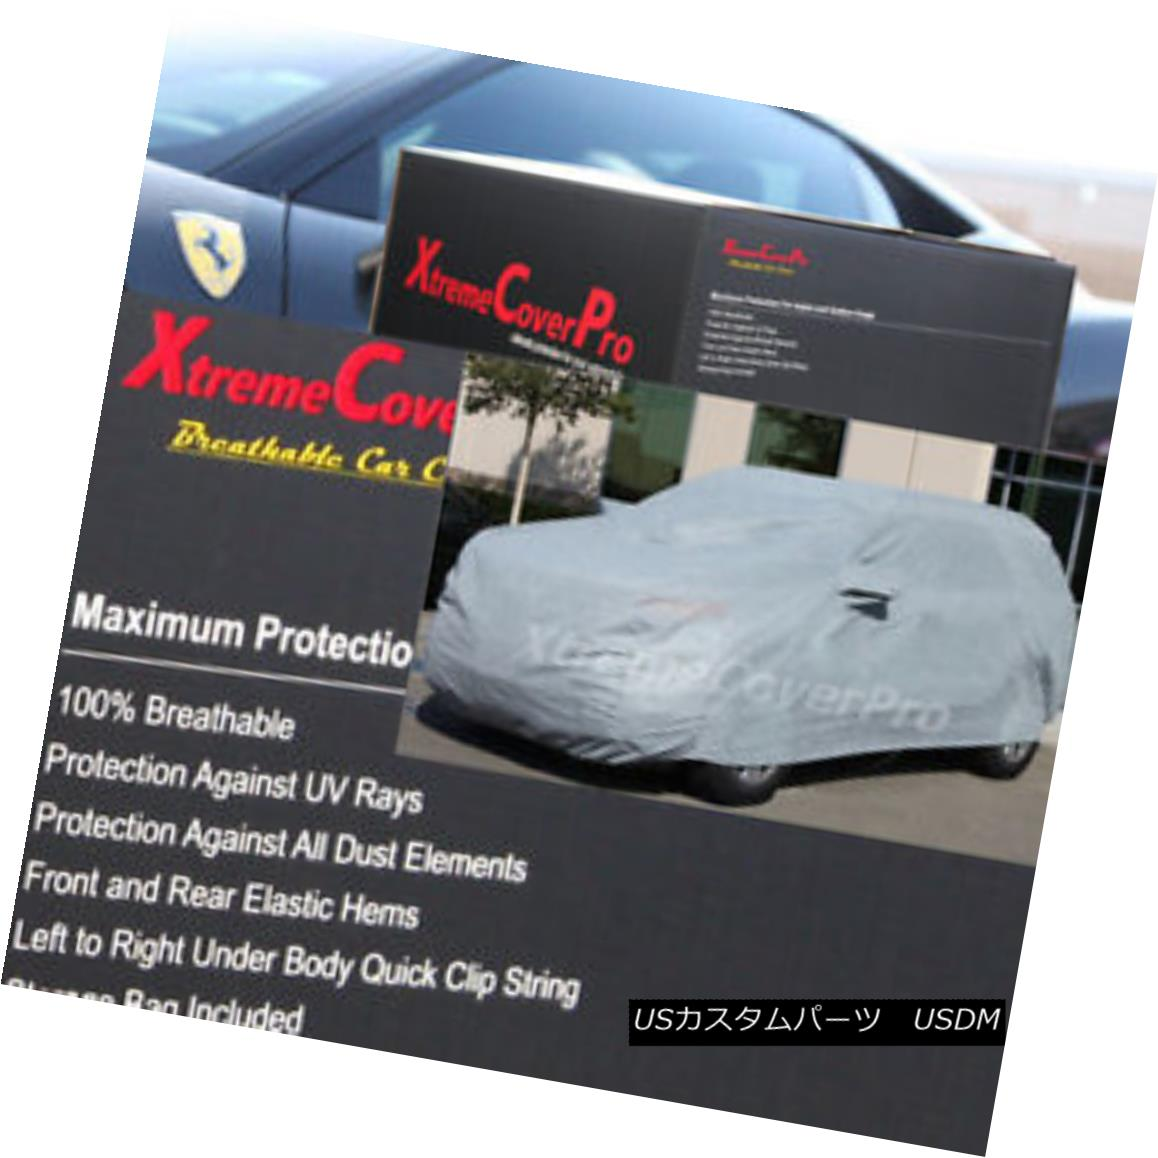 カーカバー 2007 2008 Jeep Wrangler 4-Door Unlimited Breathable Car Cover w/MirrorPocket 2007年の2008ジープラングラー4ドア無制限の通気性のある車カバー/ MirrorPocket